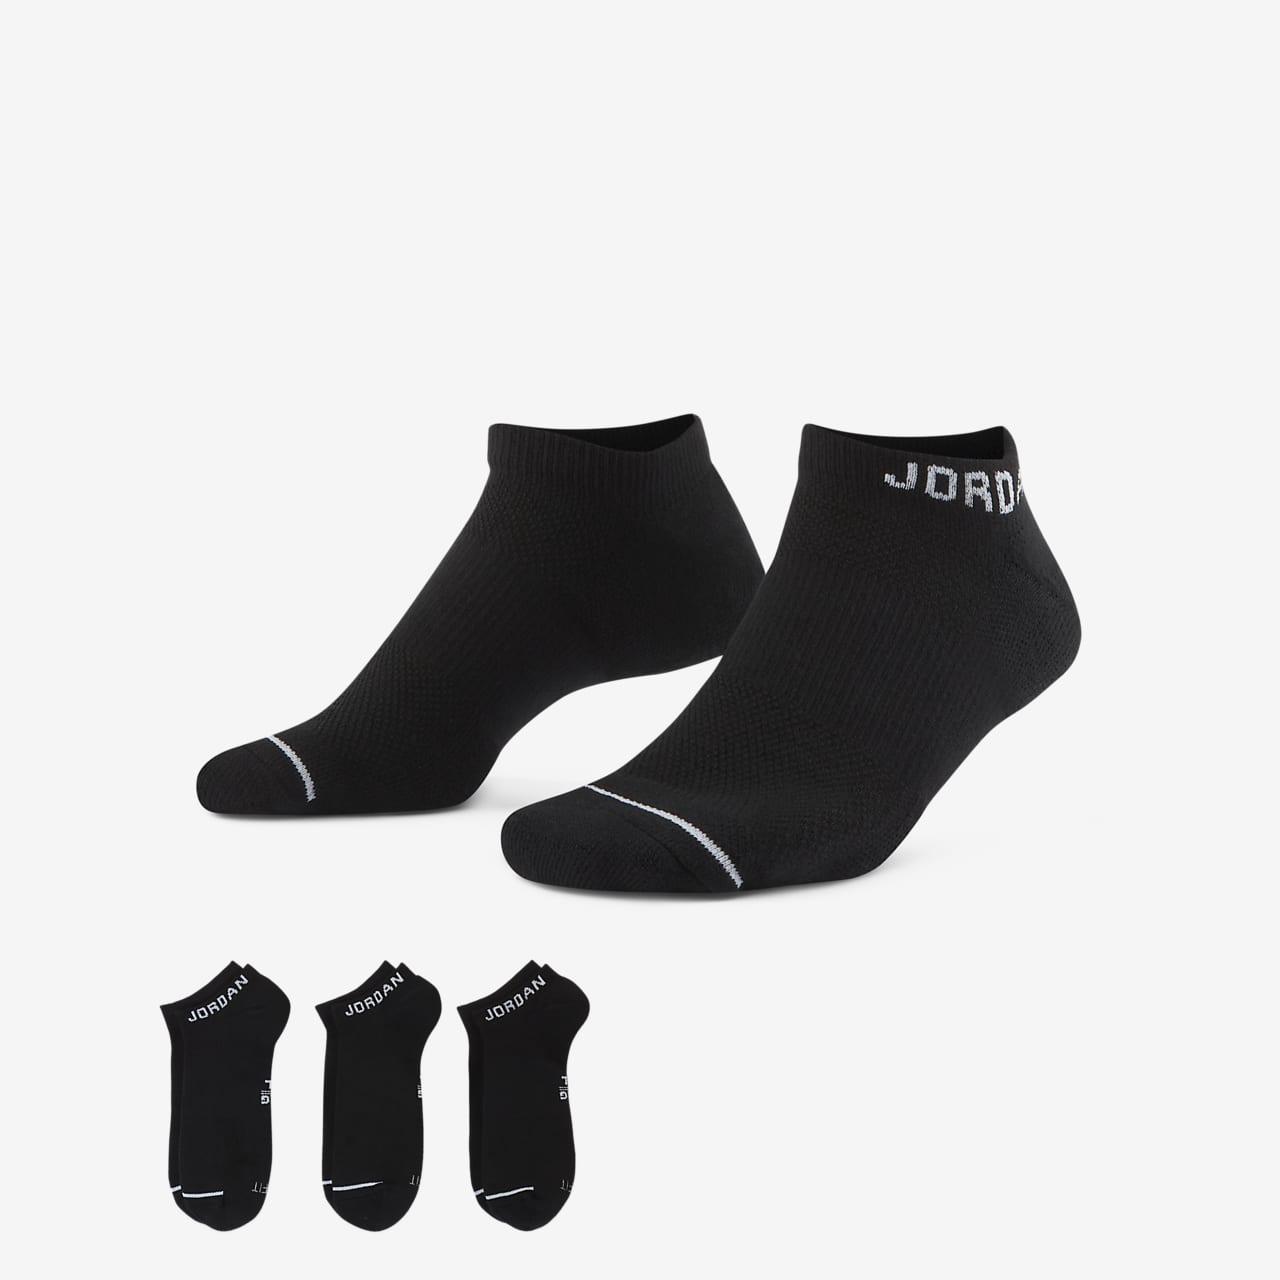 ถุงเท้าซ่อน Unisex Jordan Everyday Max (3 คู่)